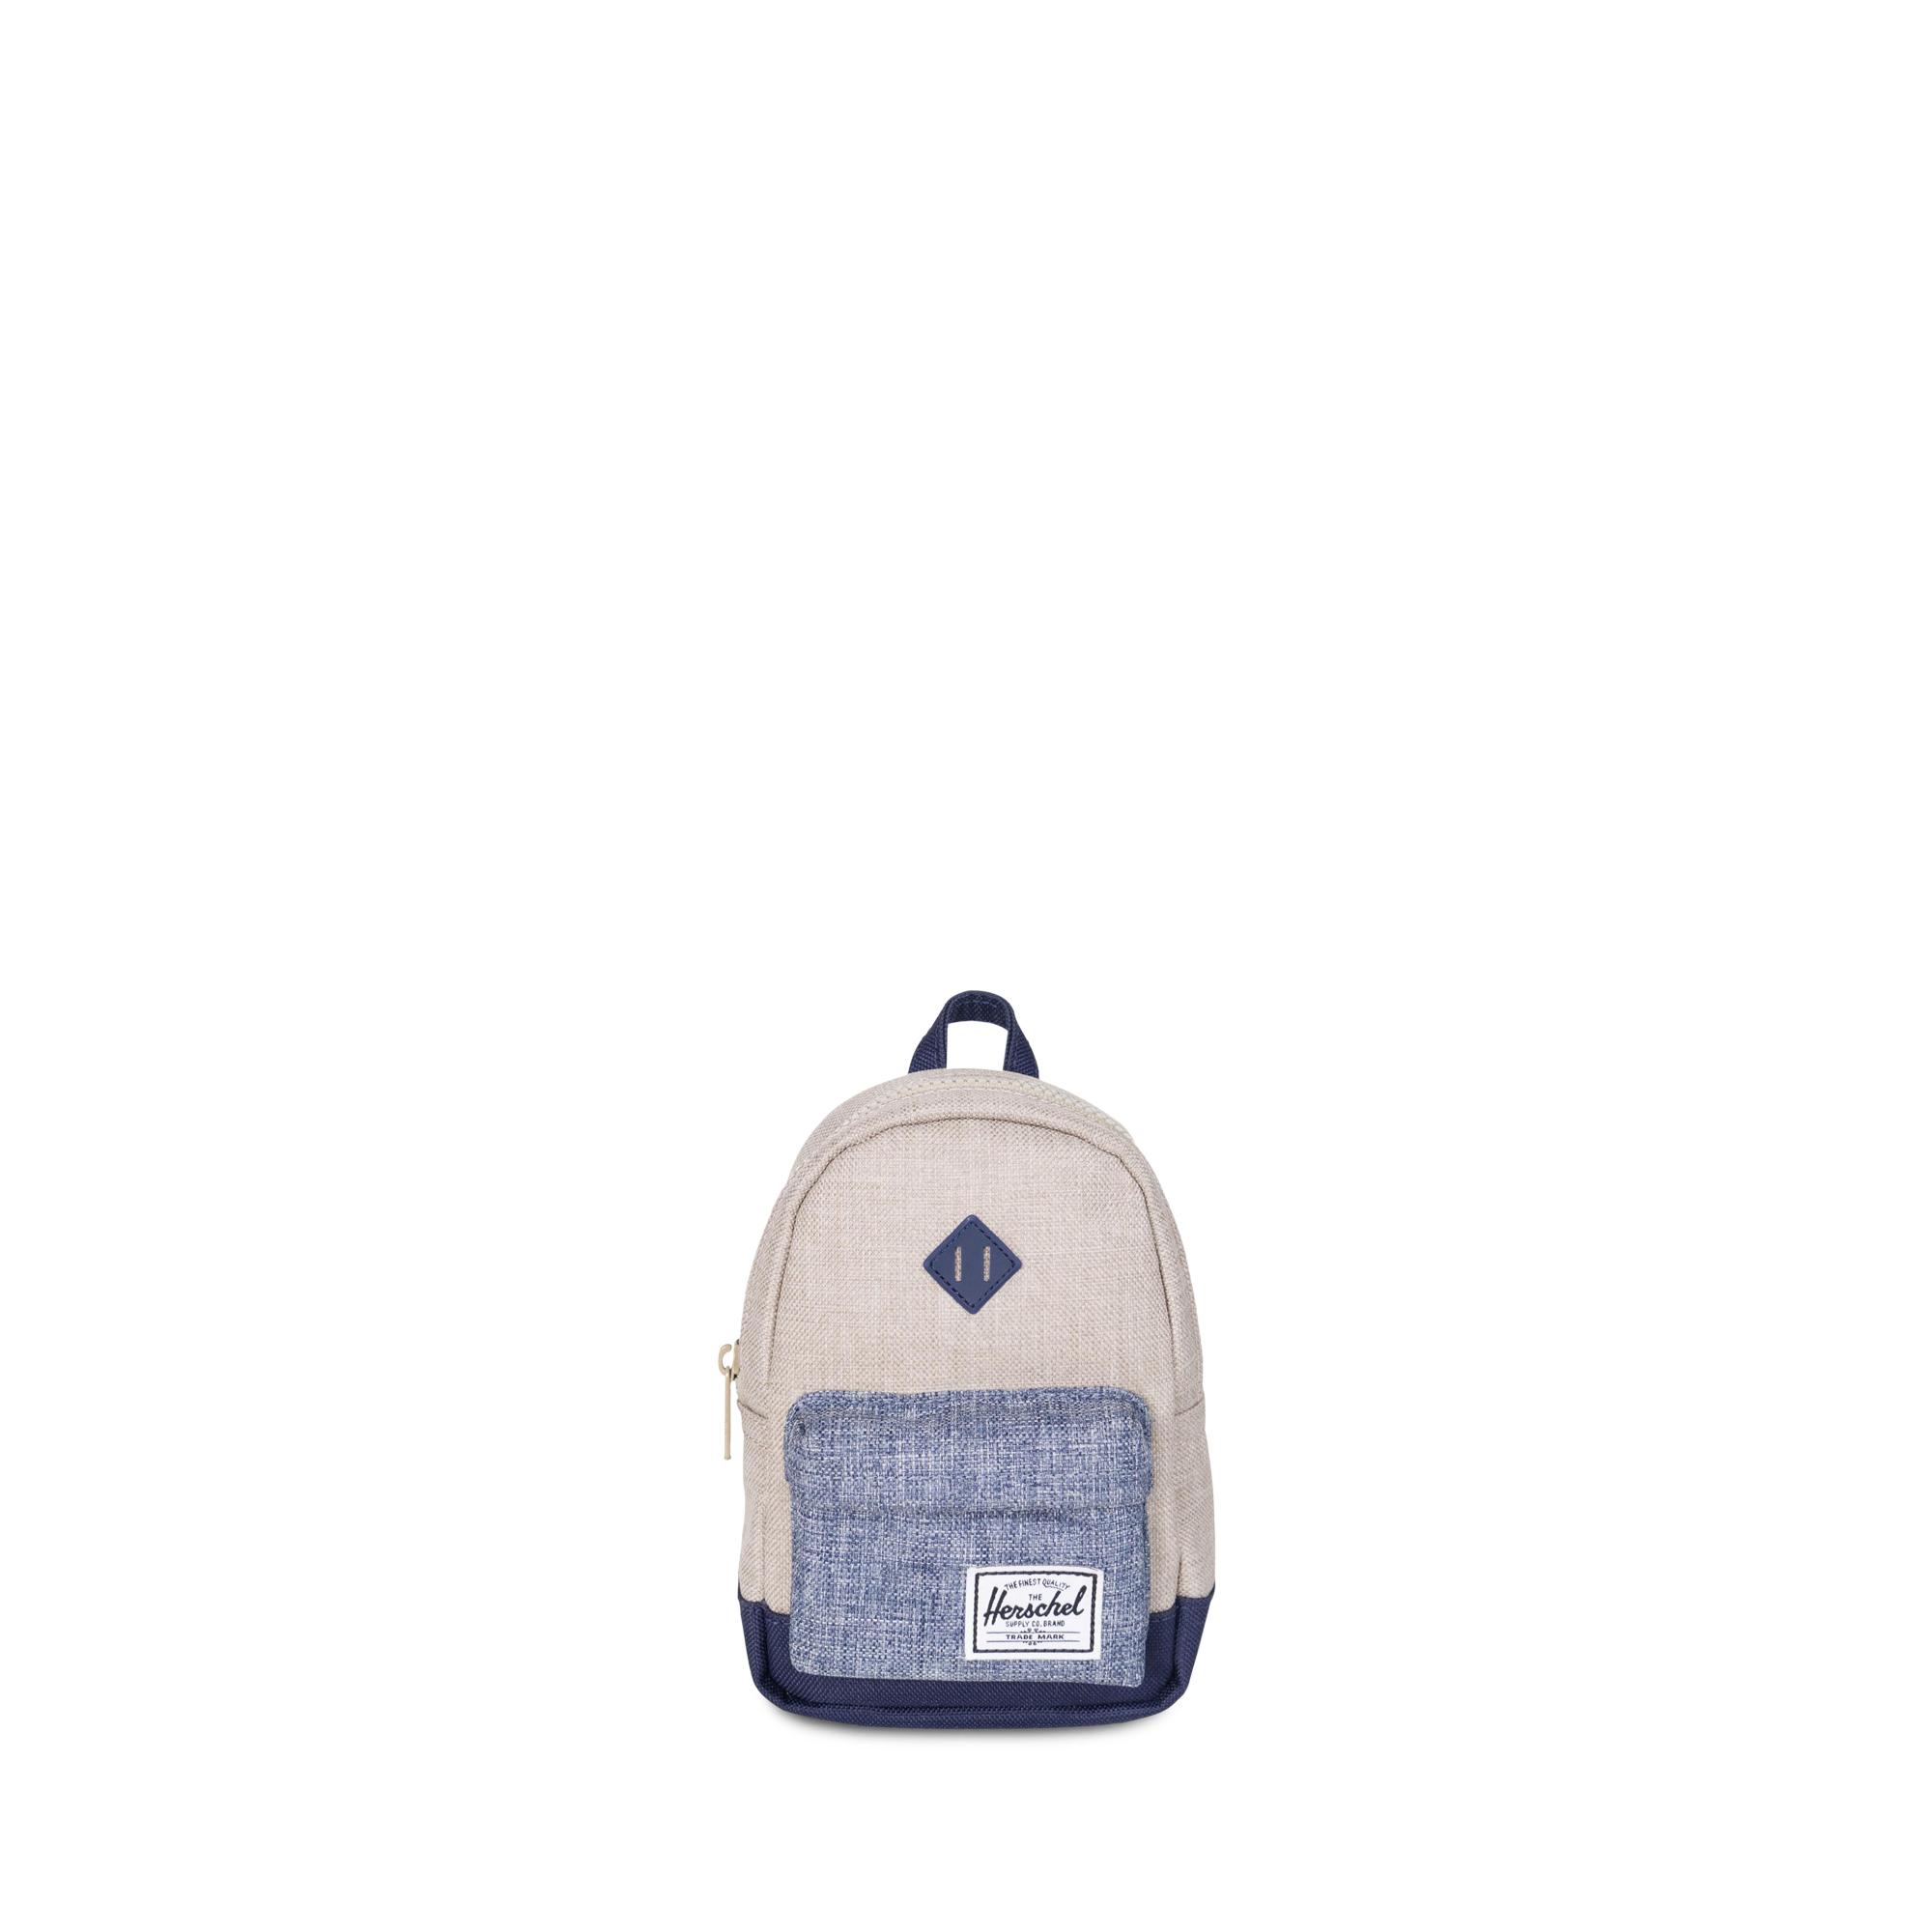 6ead3514058b Heritage Backpack Mini